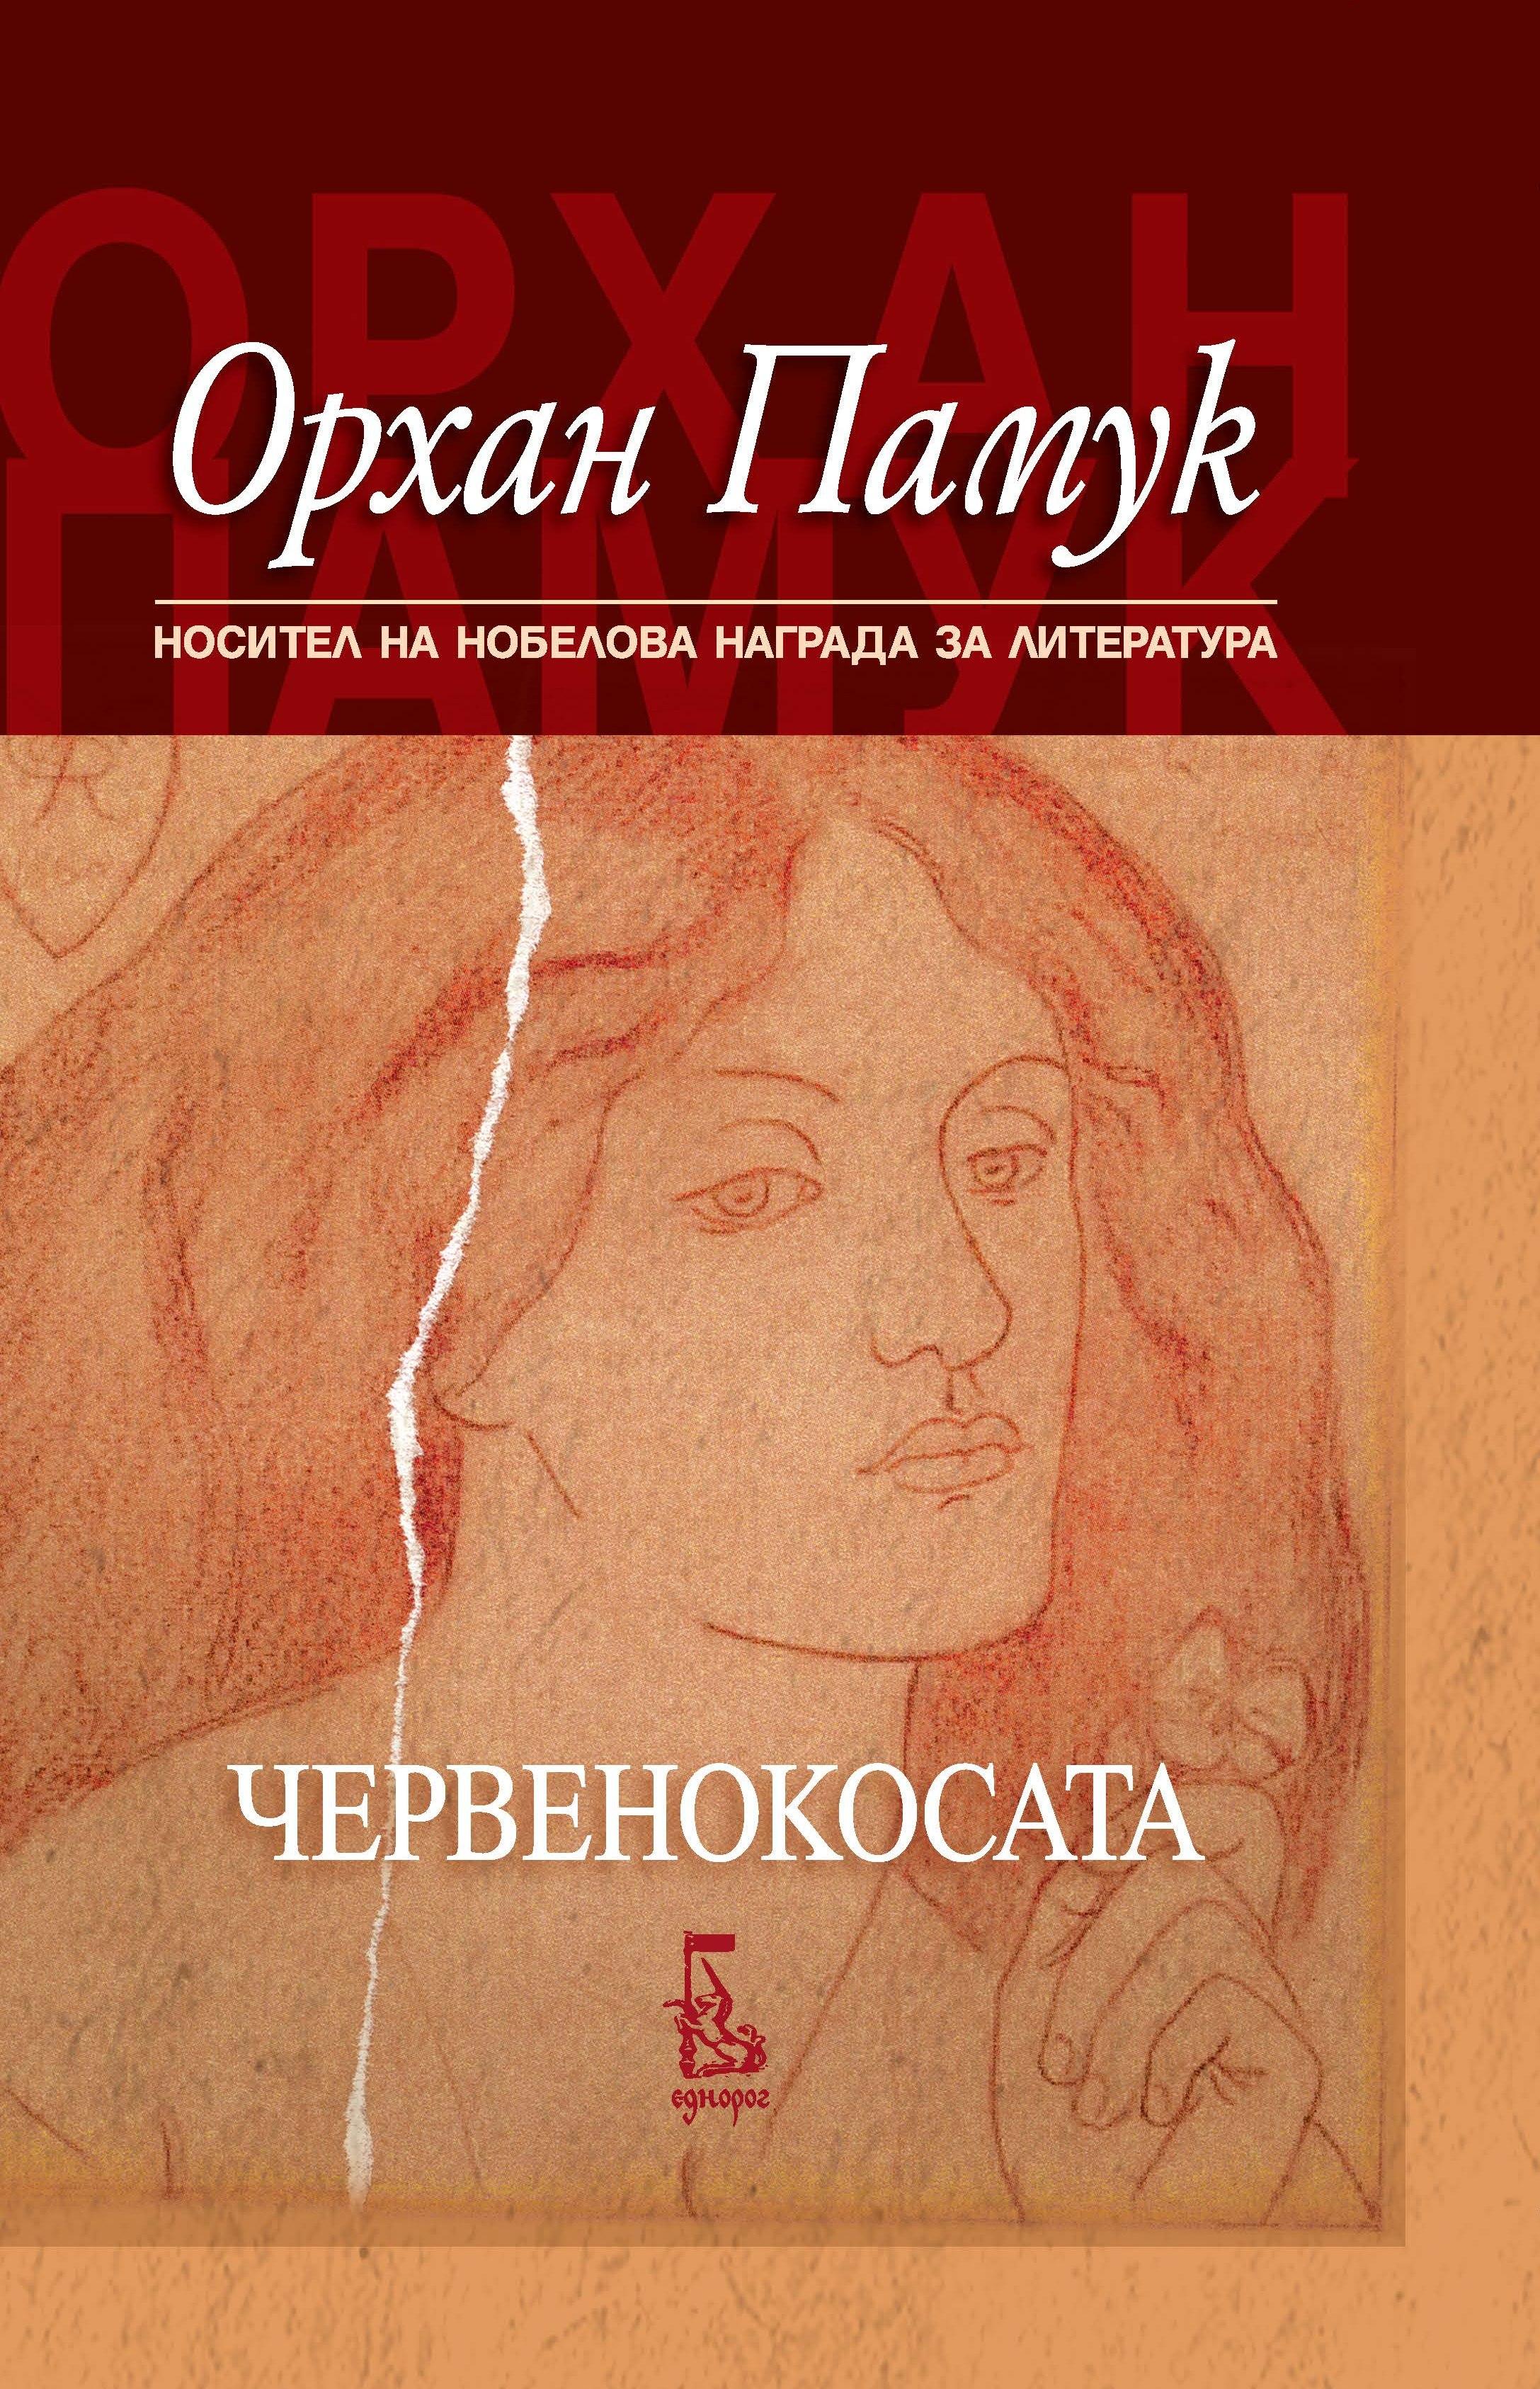 """Новата книга на Орхан Памук – """"Червенокосата"""""""